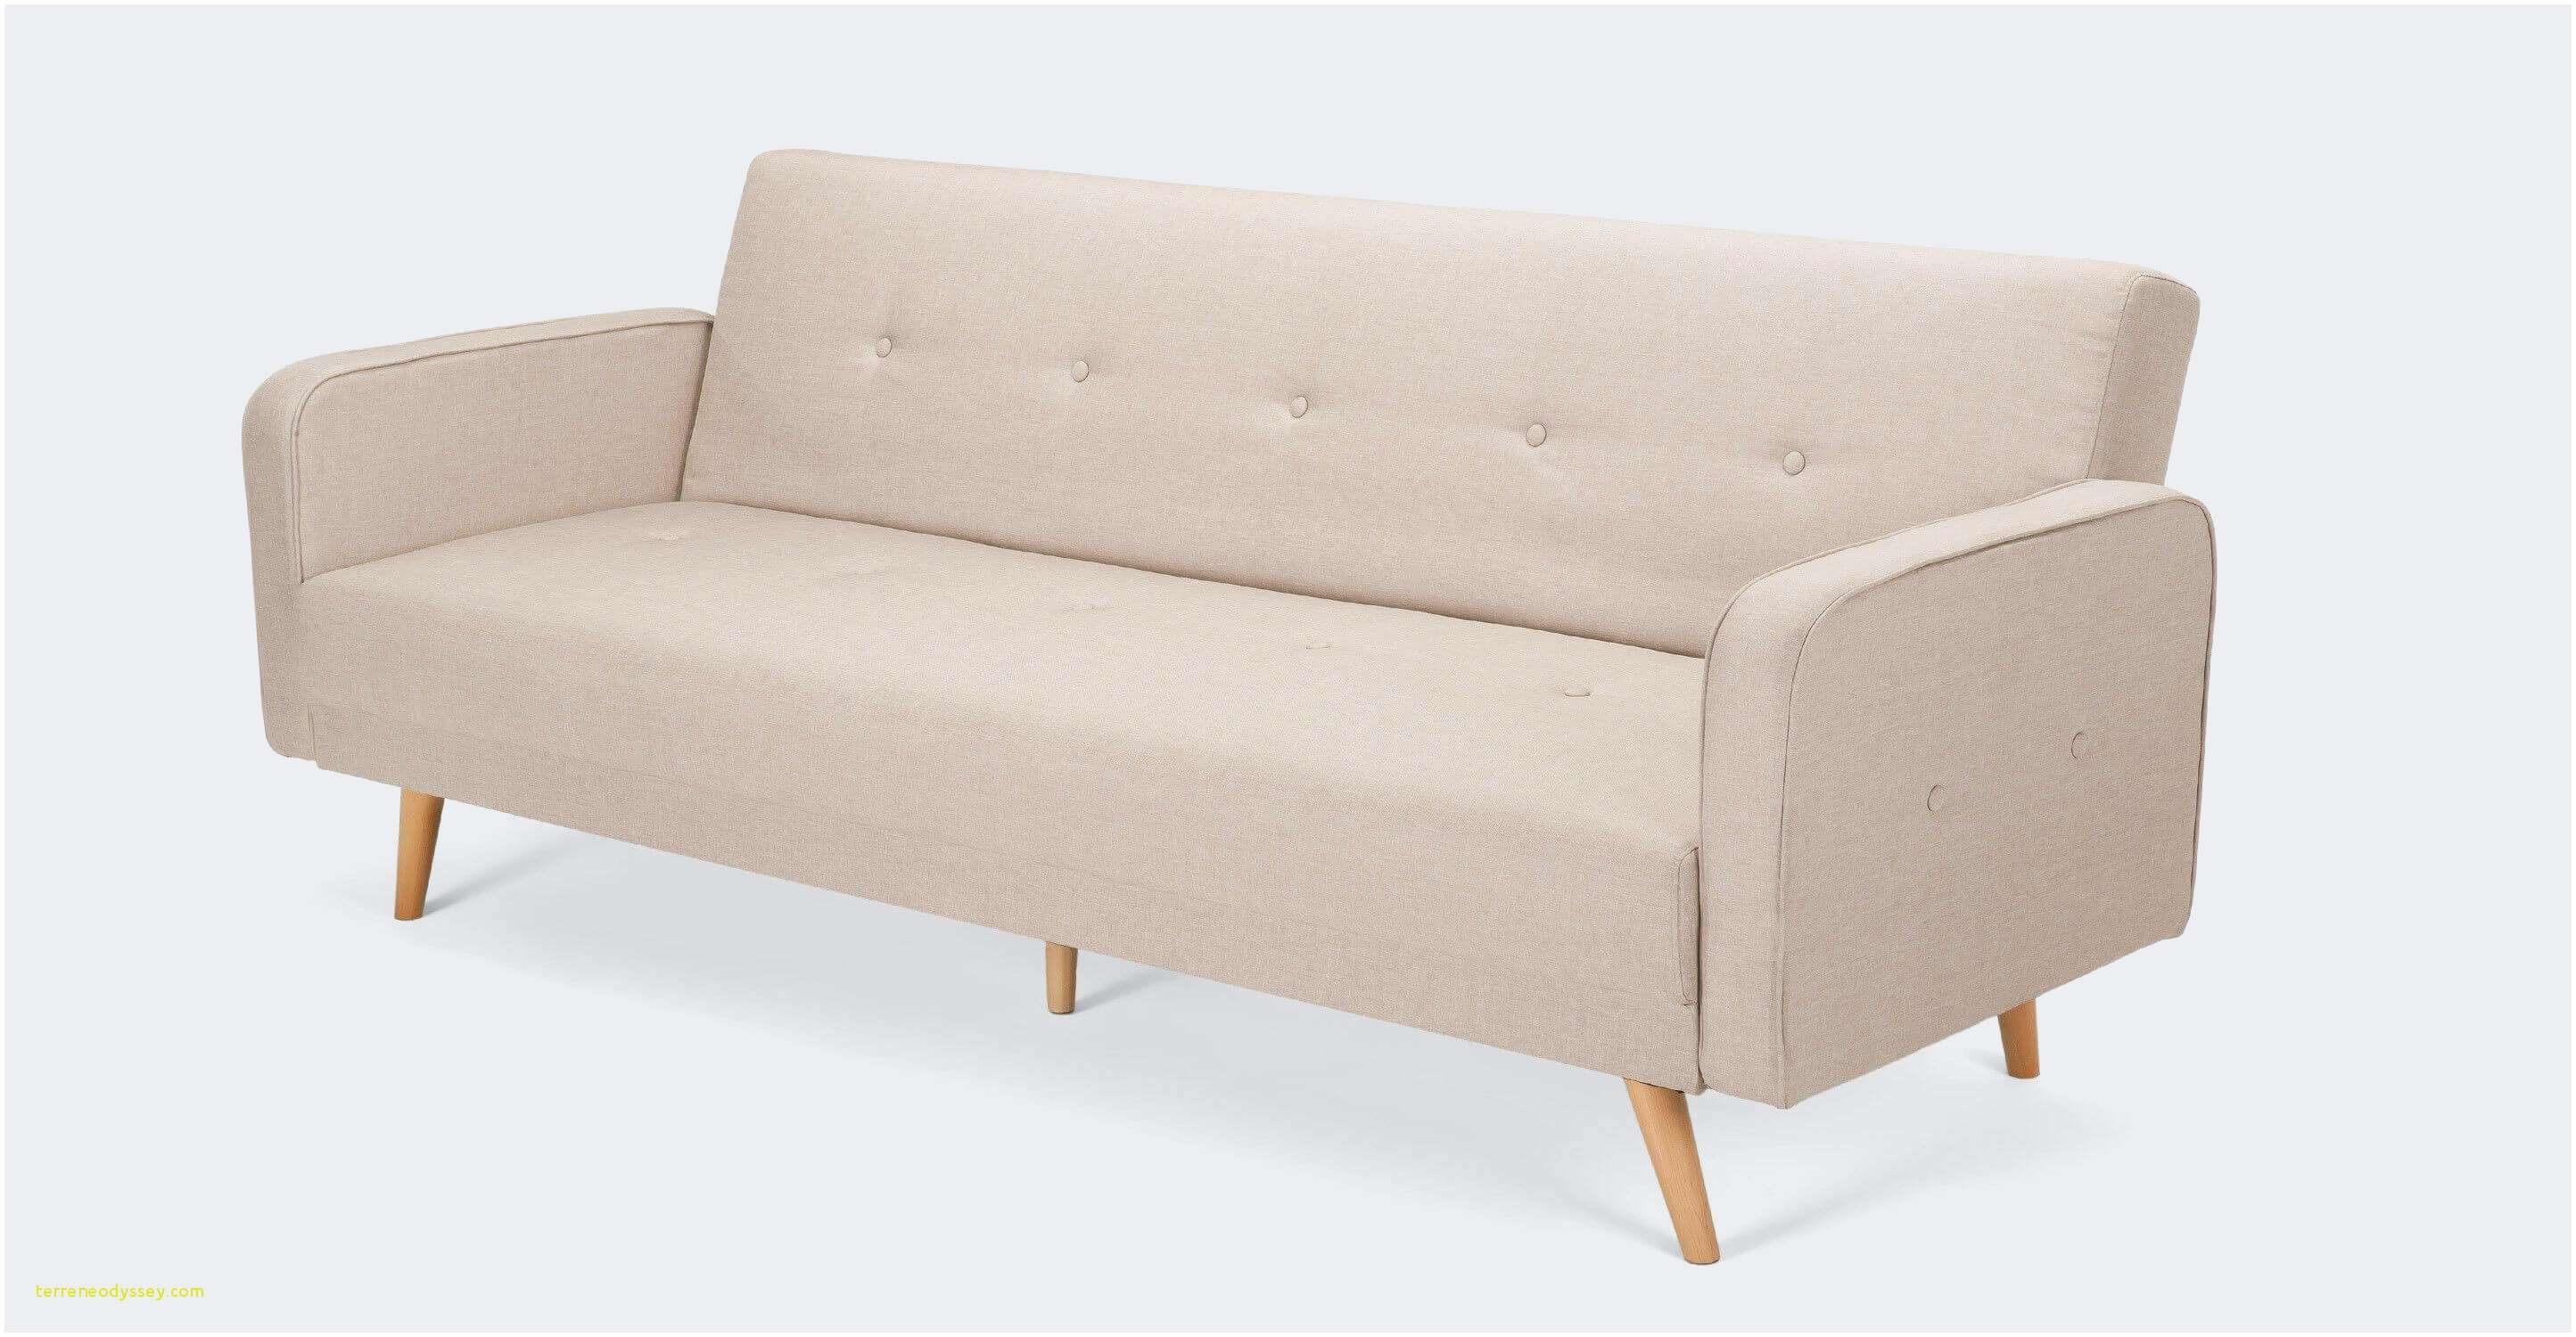 Ikea Canapé Lit Génial Impressionnant 60 Recouvrement Canapé Convertible but Pour Excellent